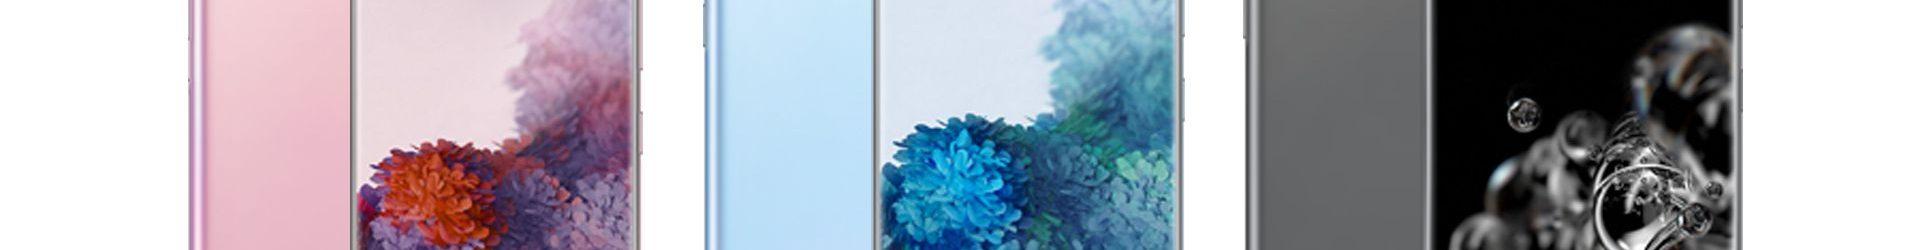 Samsung Galaxy S20, Galaxy S20+ e Galaxy S20 Ultra 5G presentati ufficialmente: multimedialità, gaming e fotografia al top